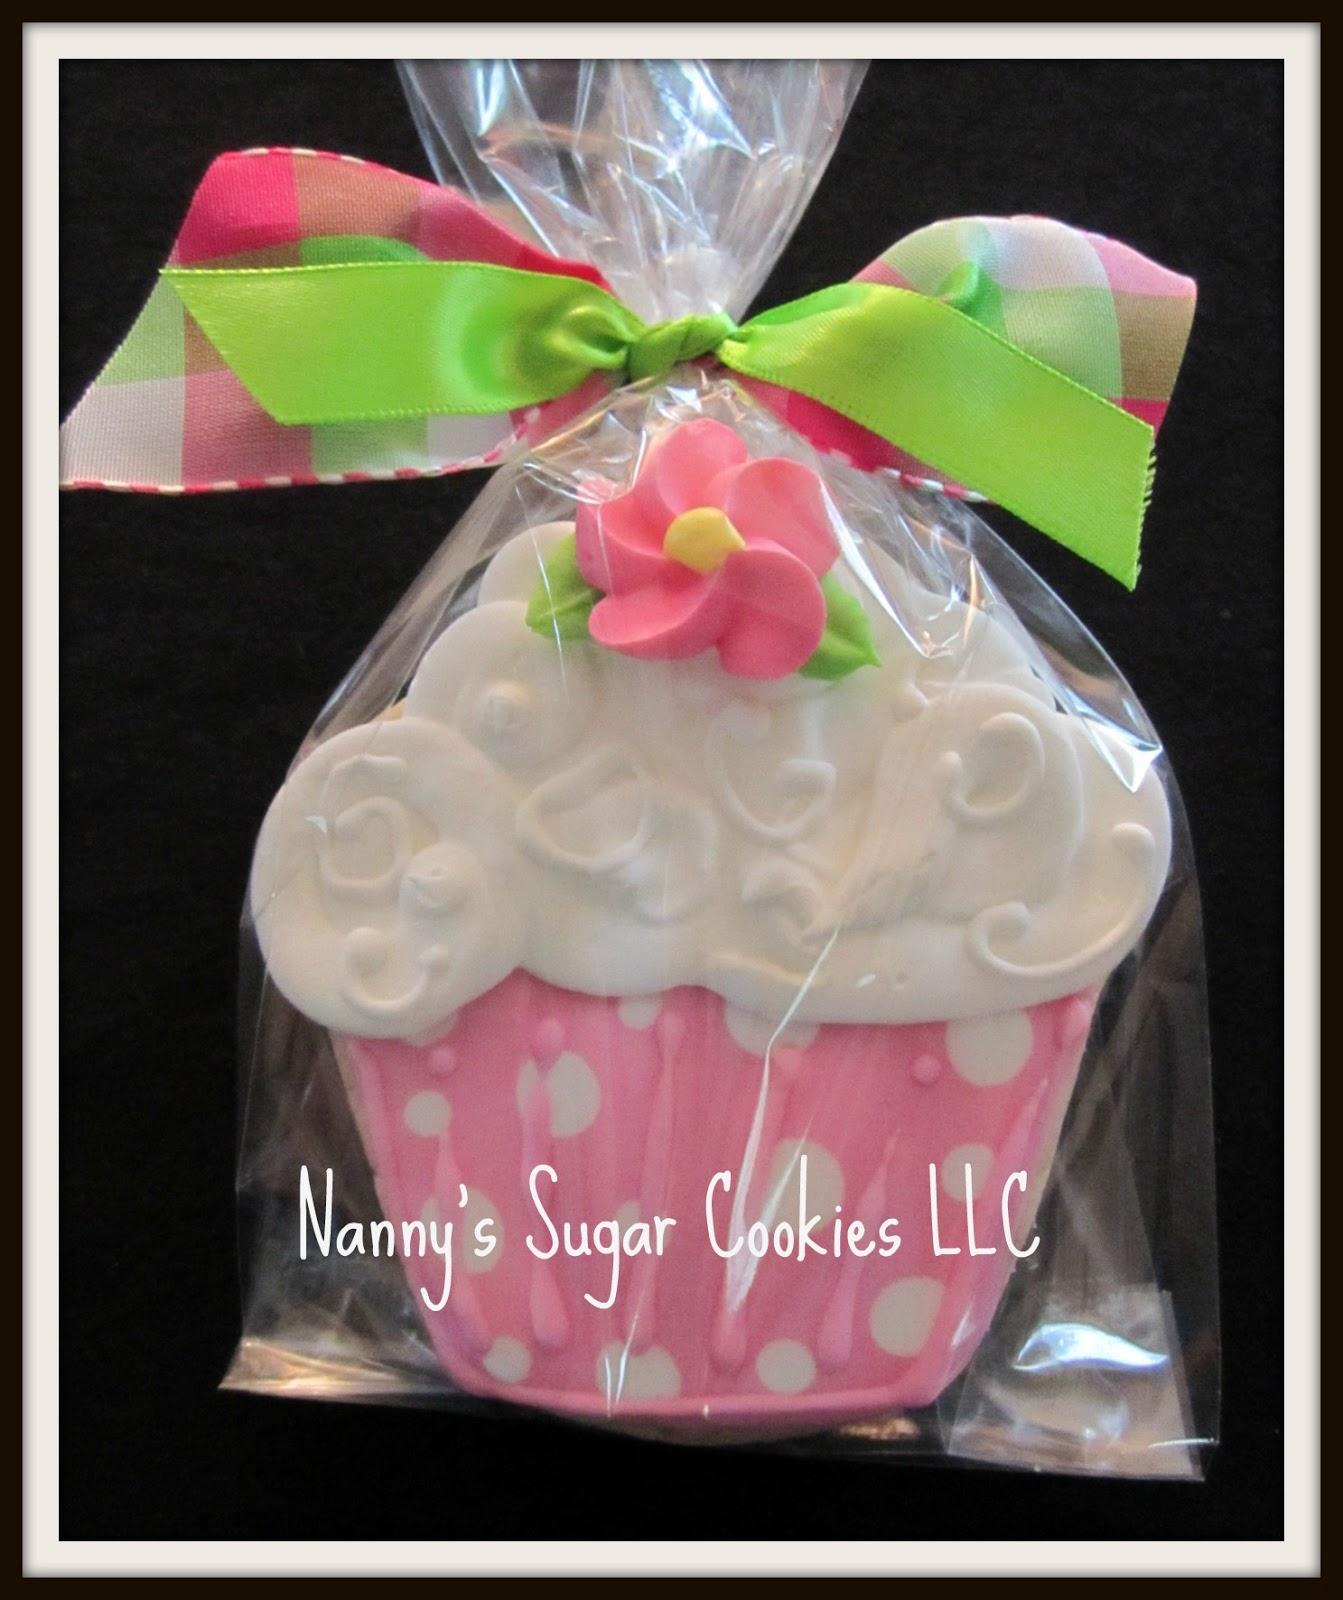 Nanny\'s Sugar Cookies LLC: May 2013